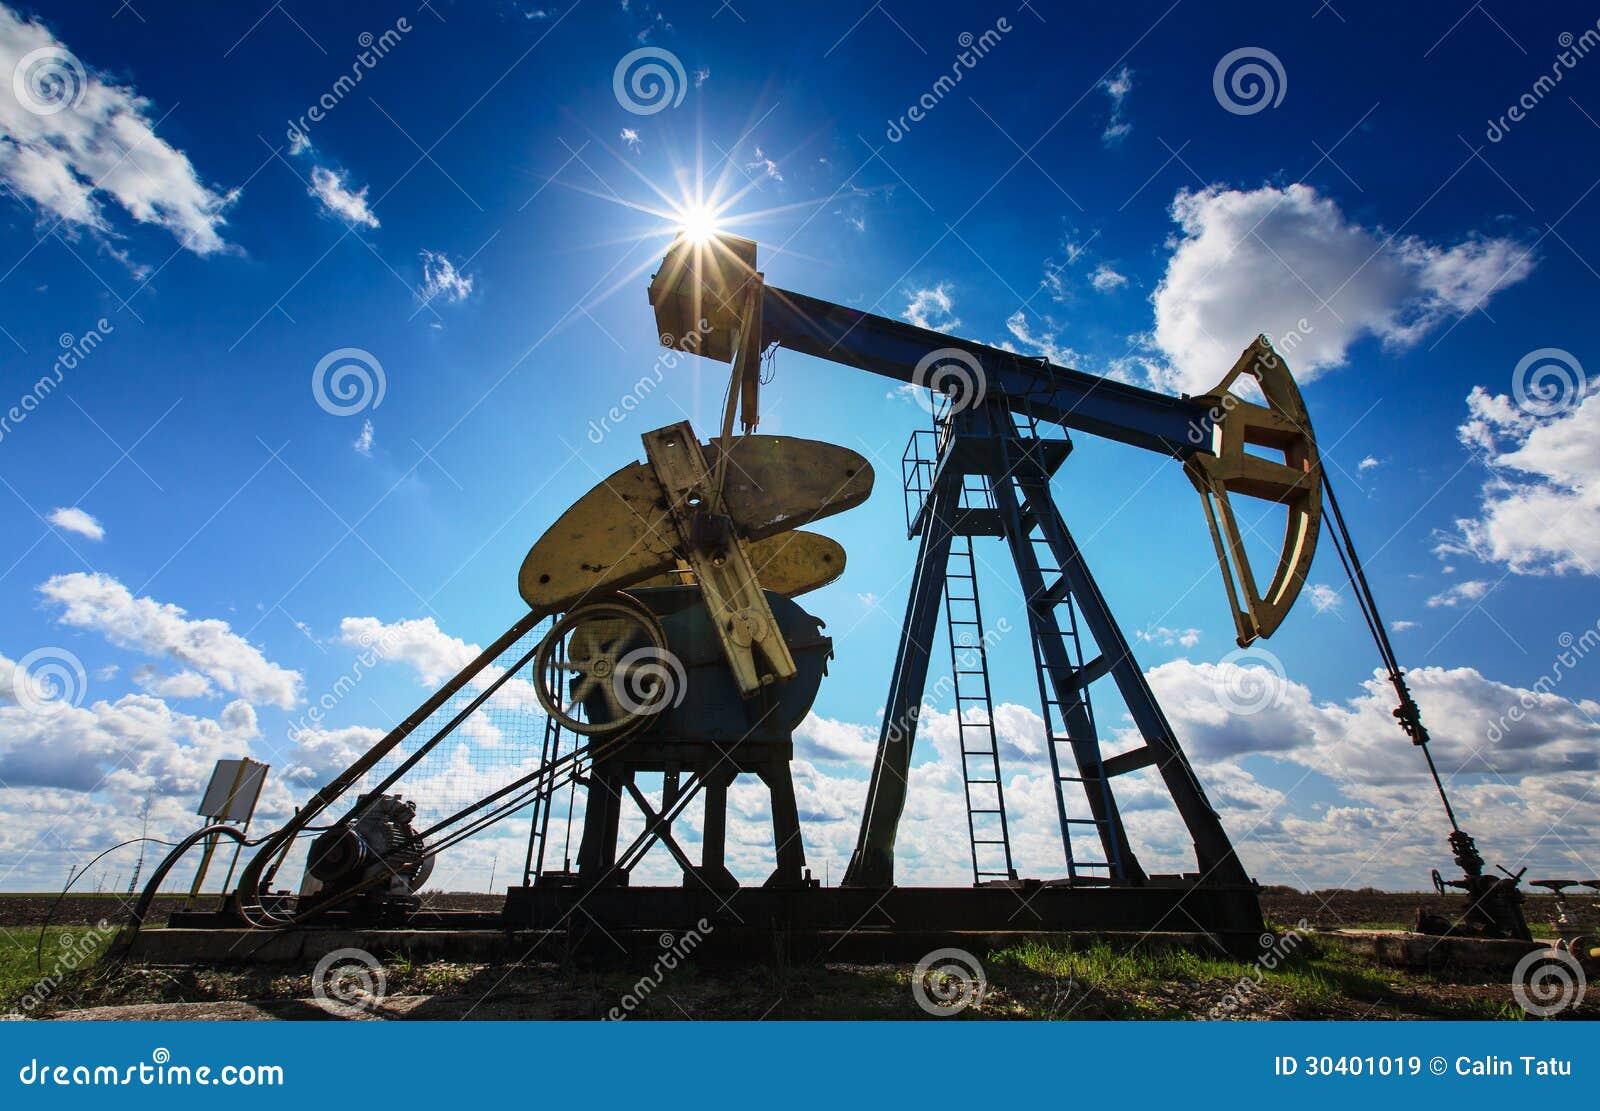 Poço de petróleo e gás de funcionamento perfilado no céu ensolarado